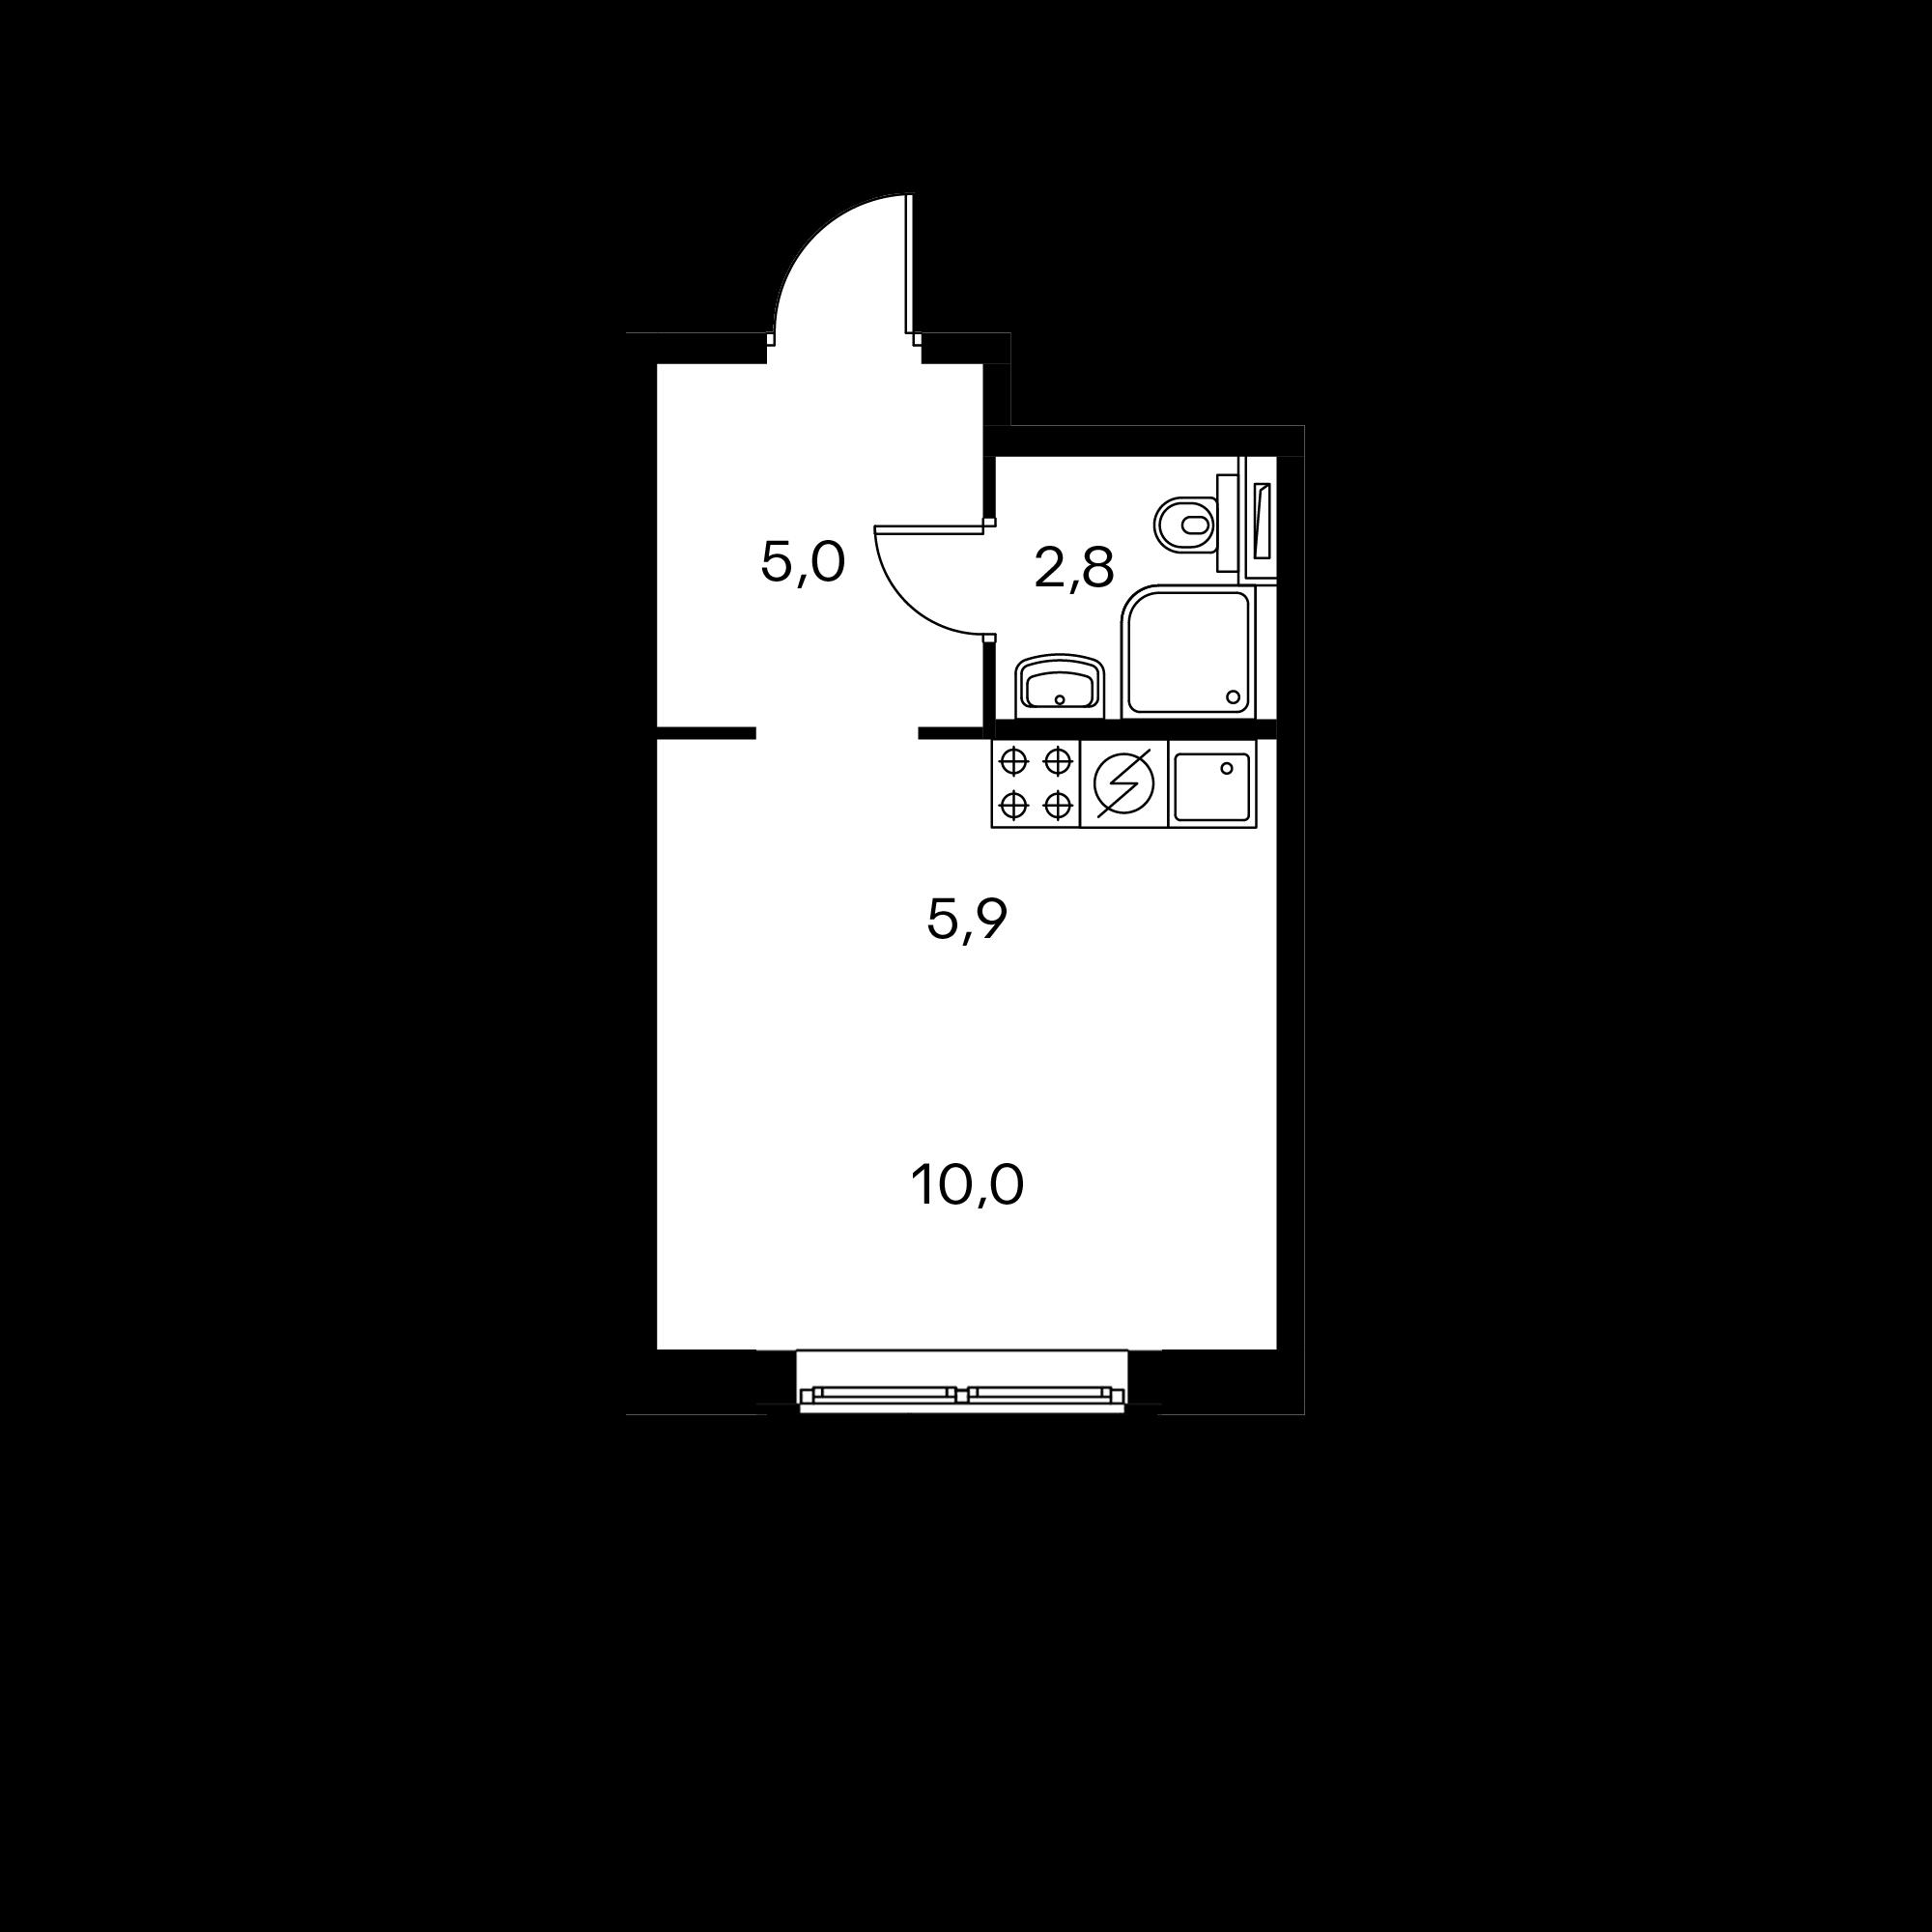 1NS1_4.2-1SZ